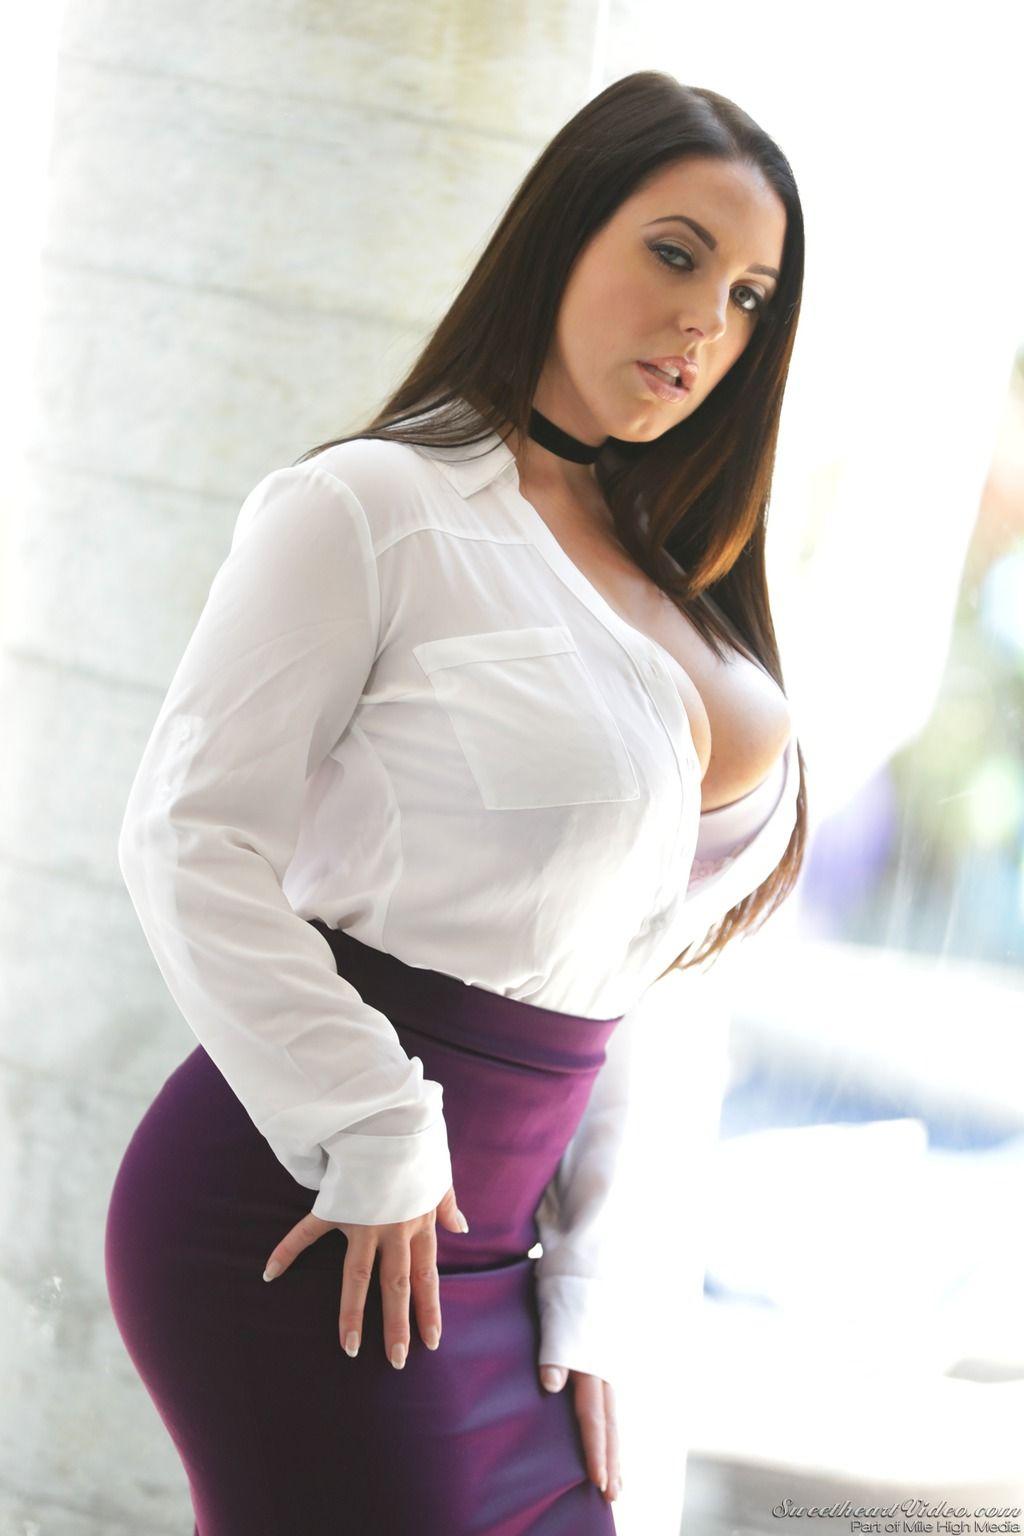 Big tits open cunts